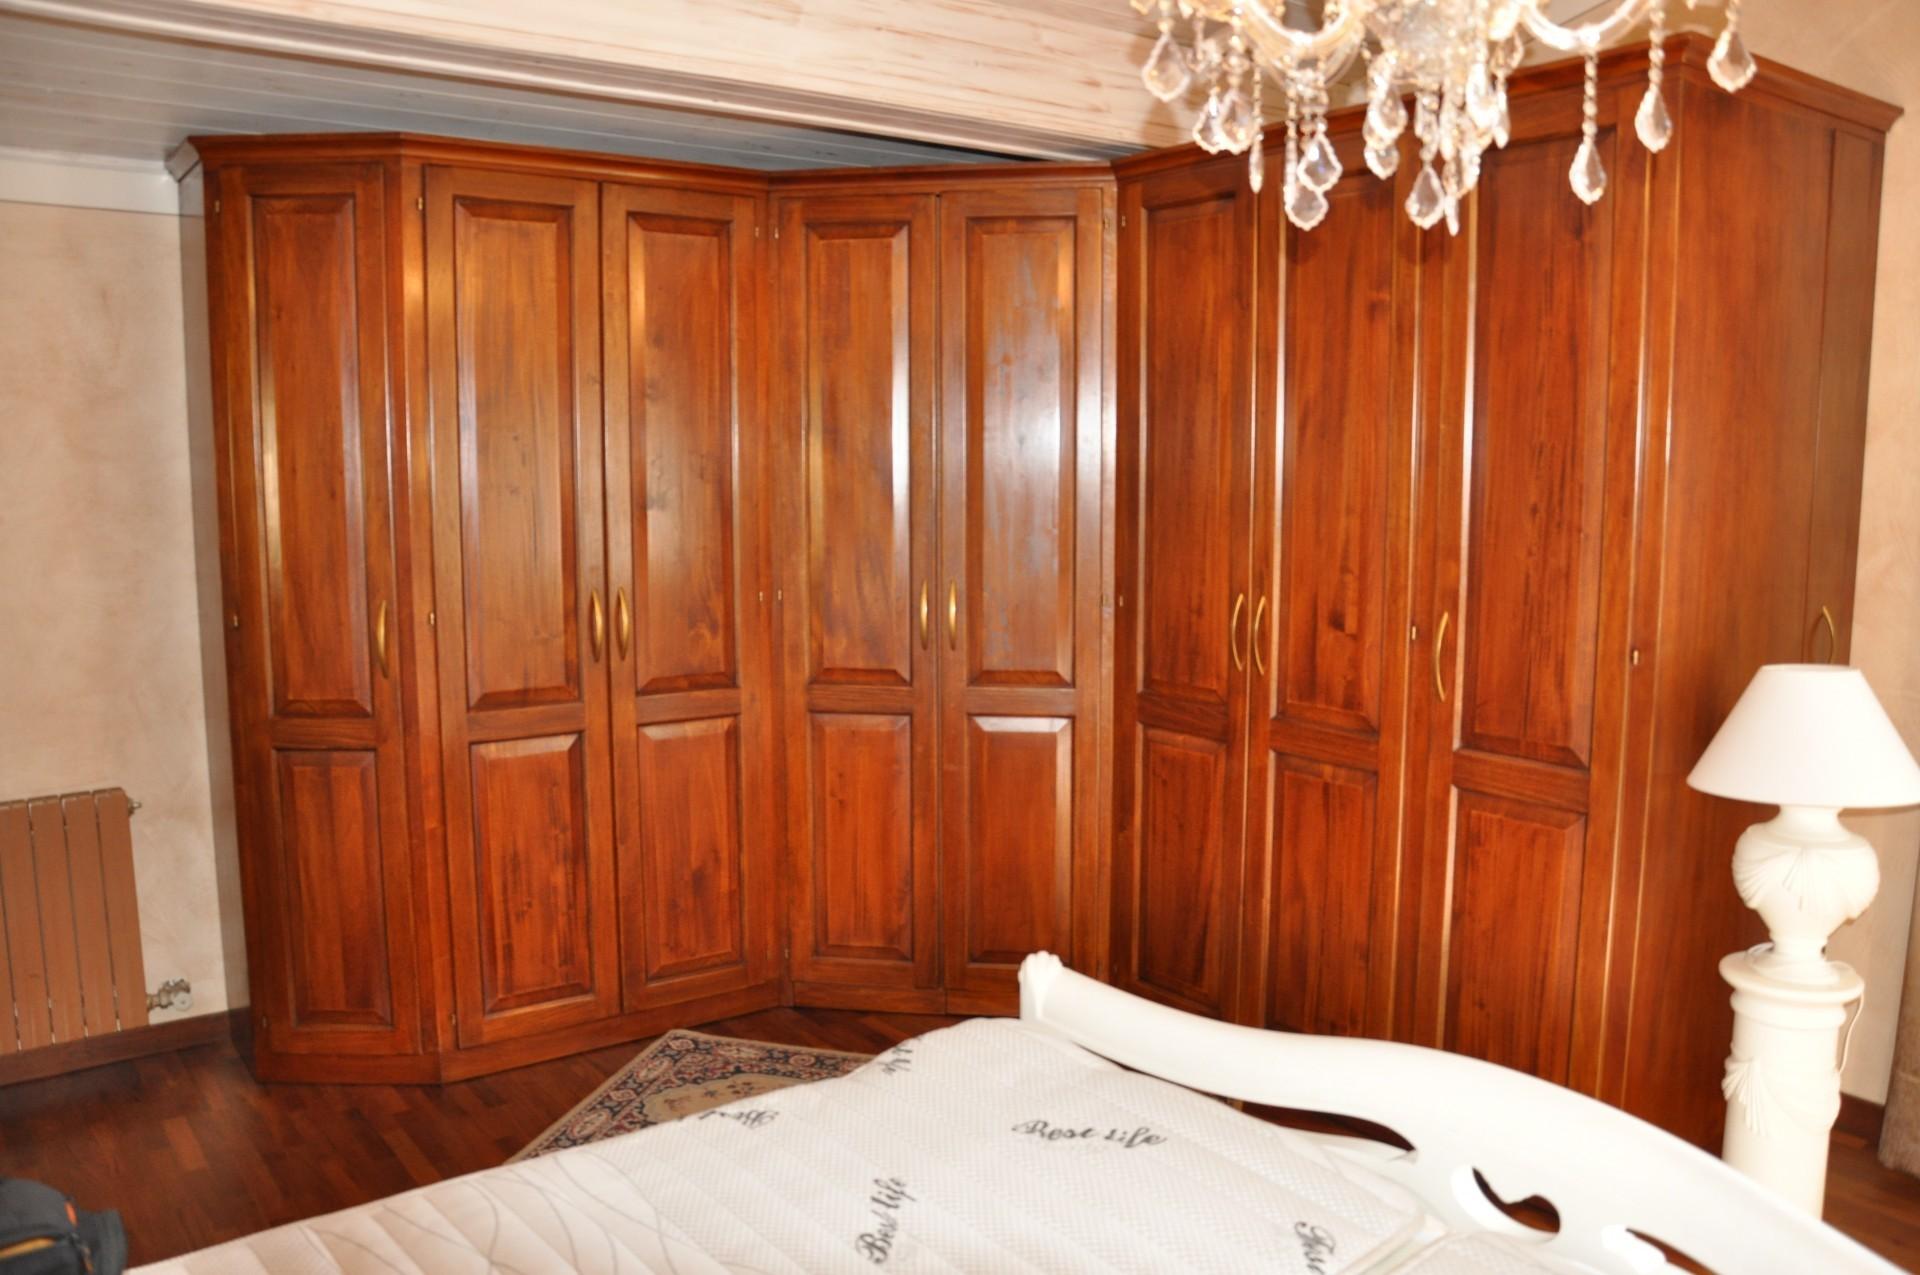 Armadio in legno a Savona